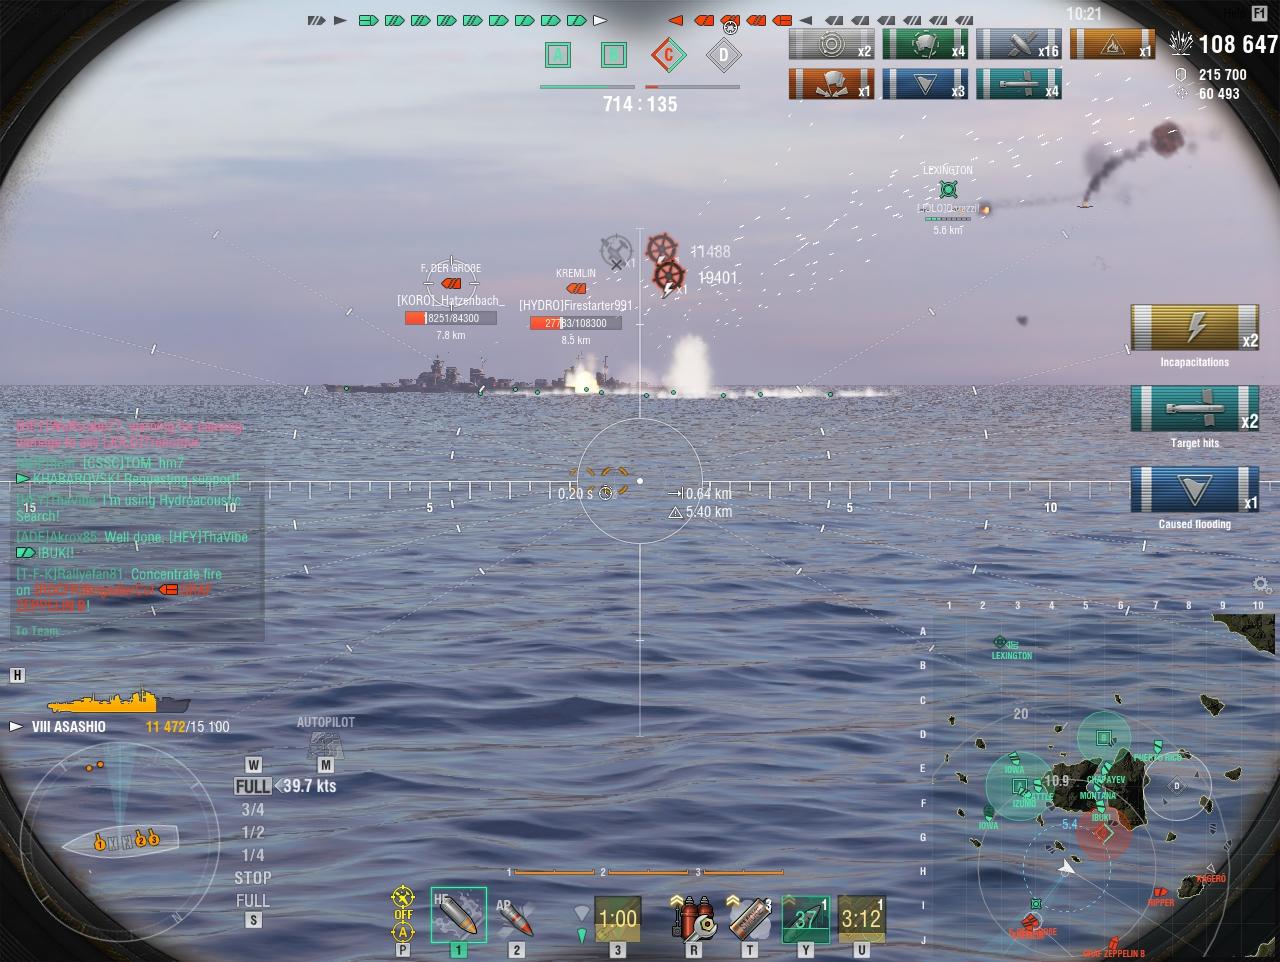 shot-20.01.23_00.01.42-0643.jpg